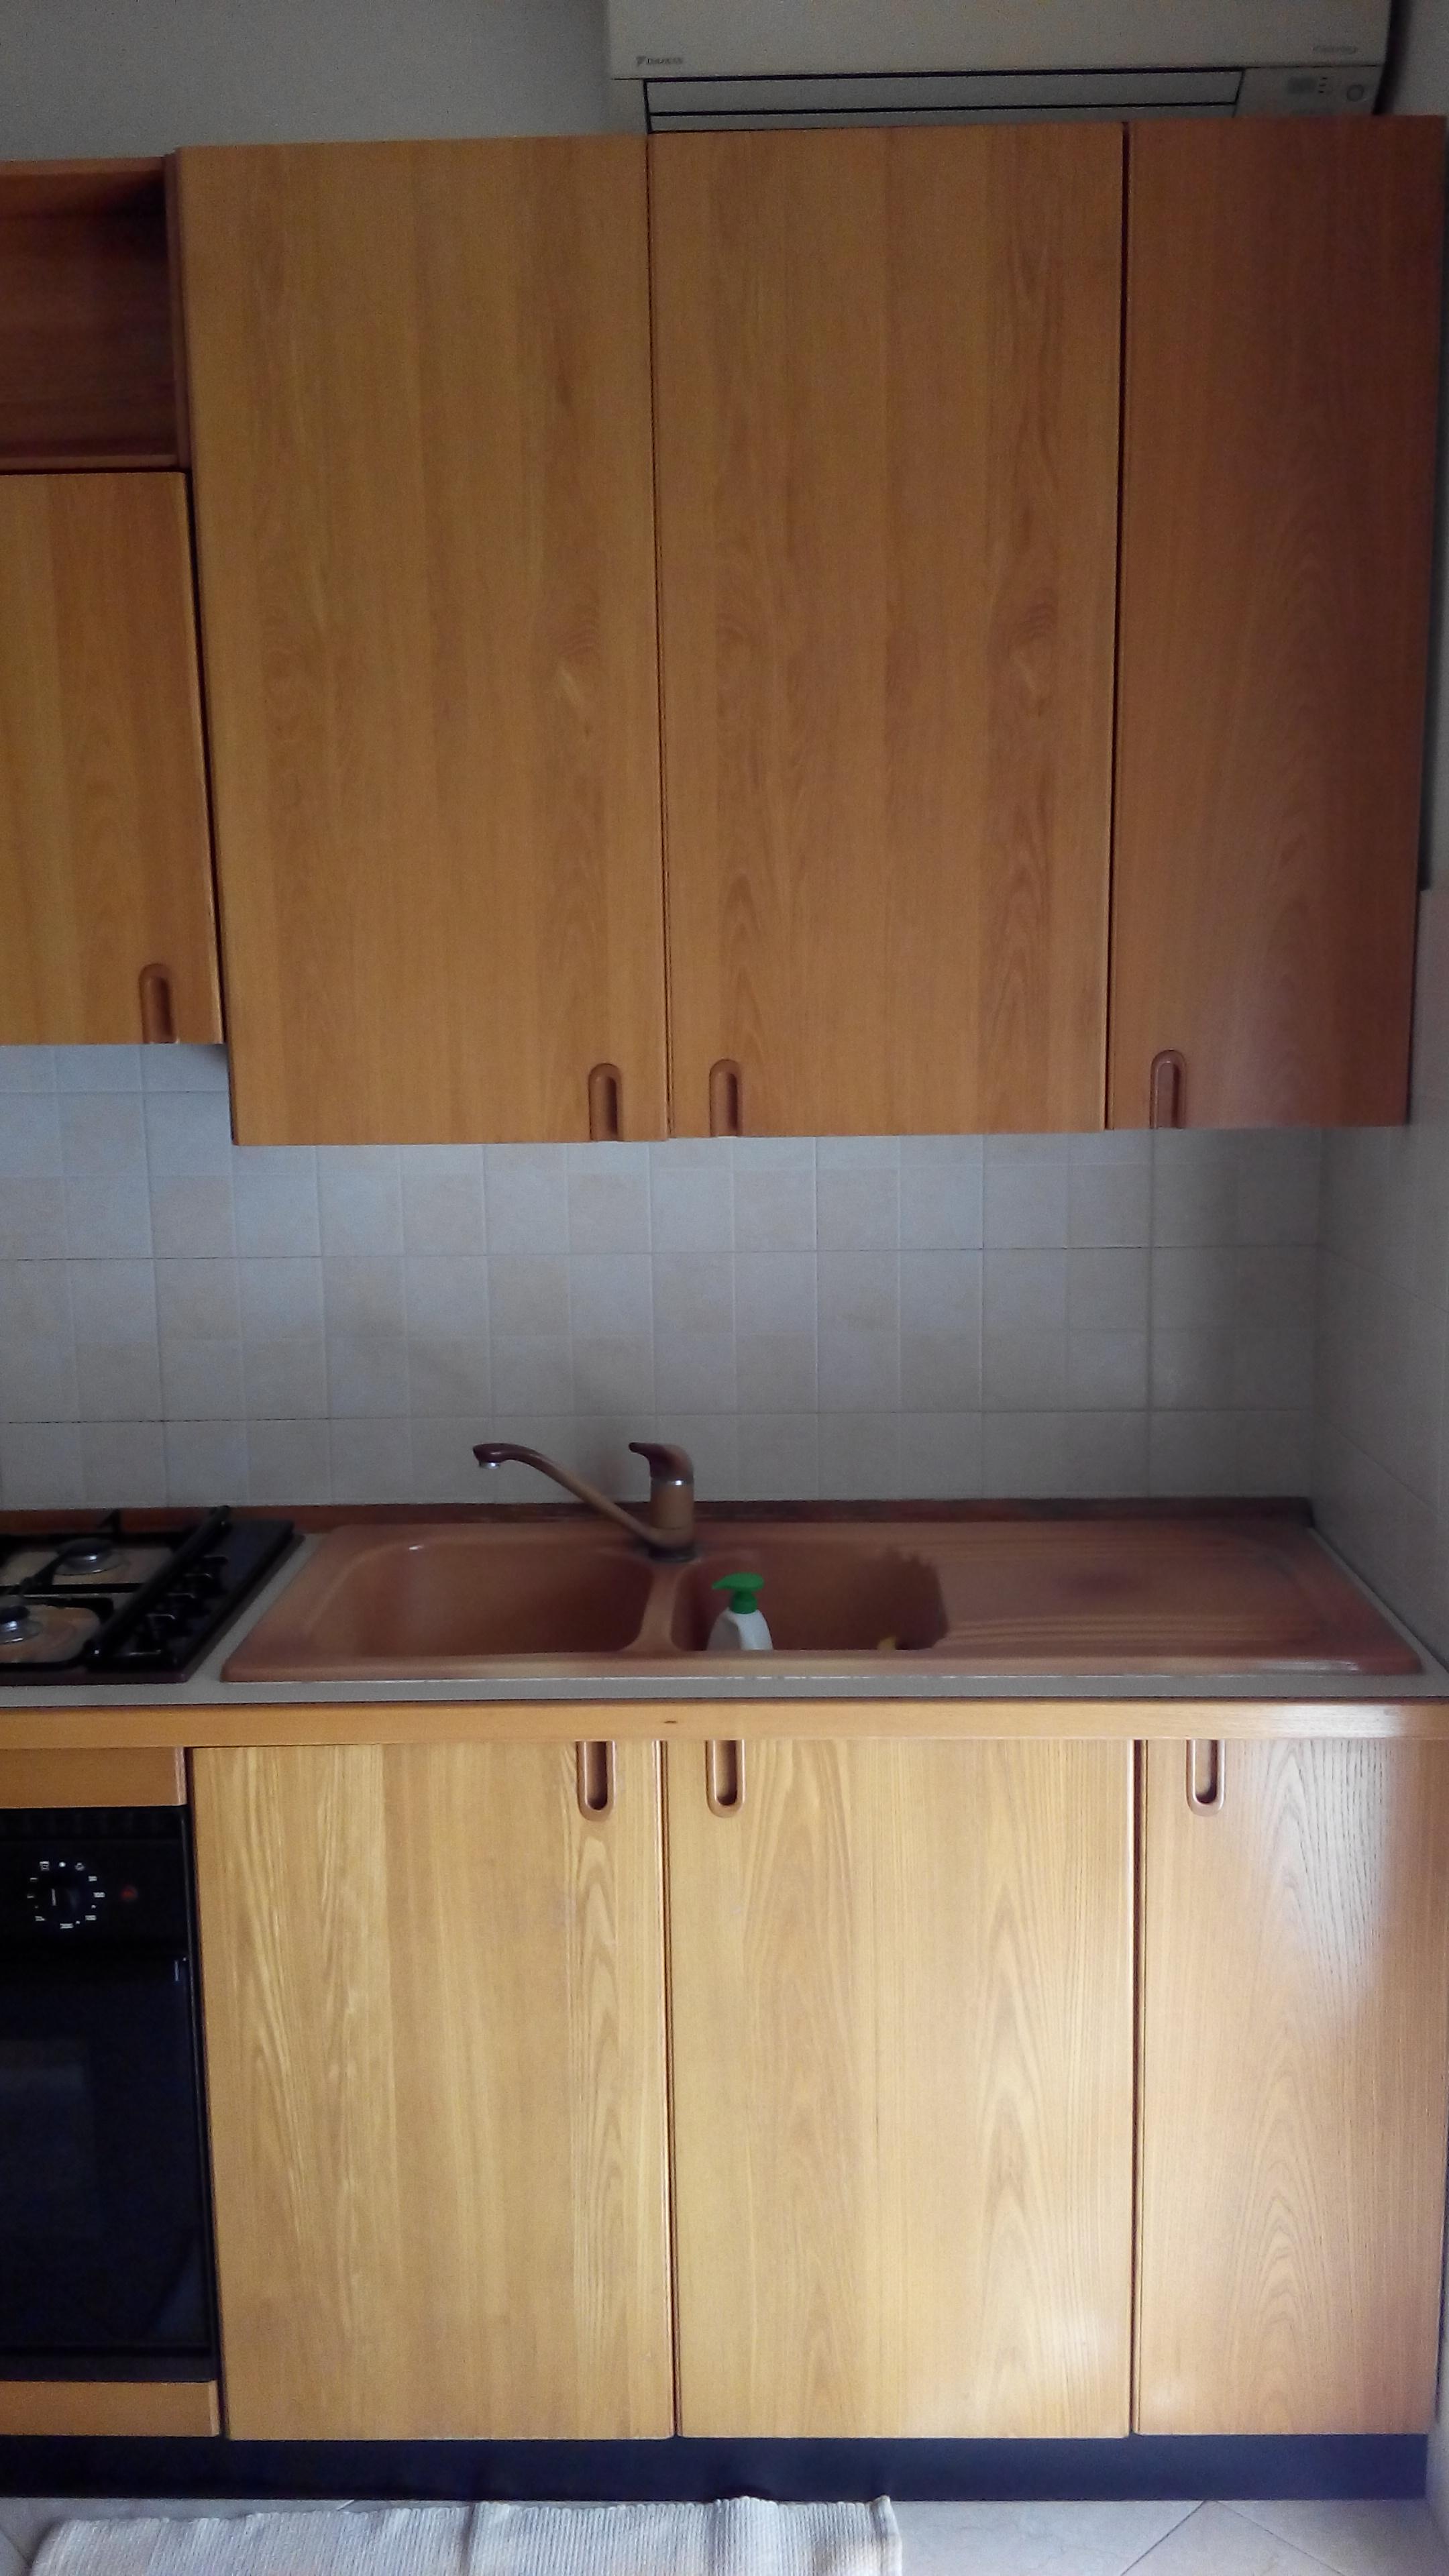 Cucine Professionali Usate Milano.Cucina Professionale Usata Lazio Cucina Usata Torino Ebay Top